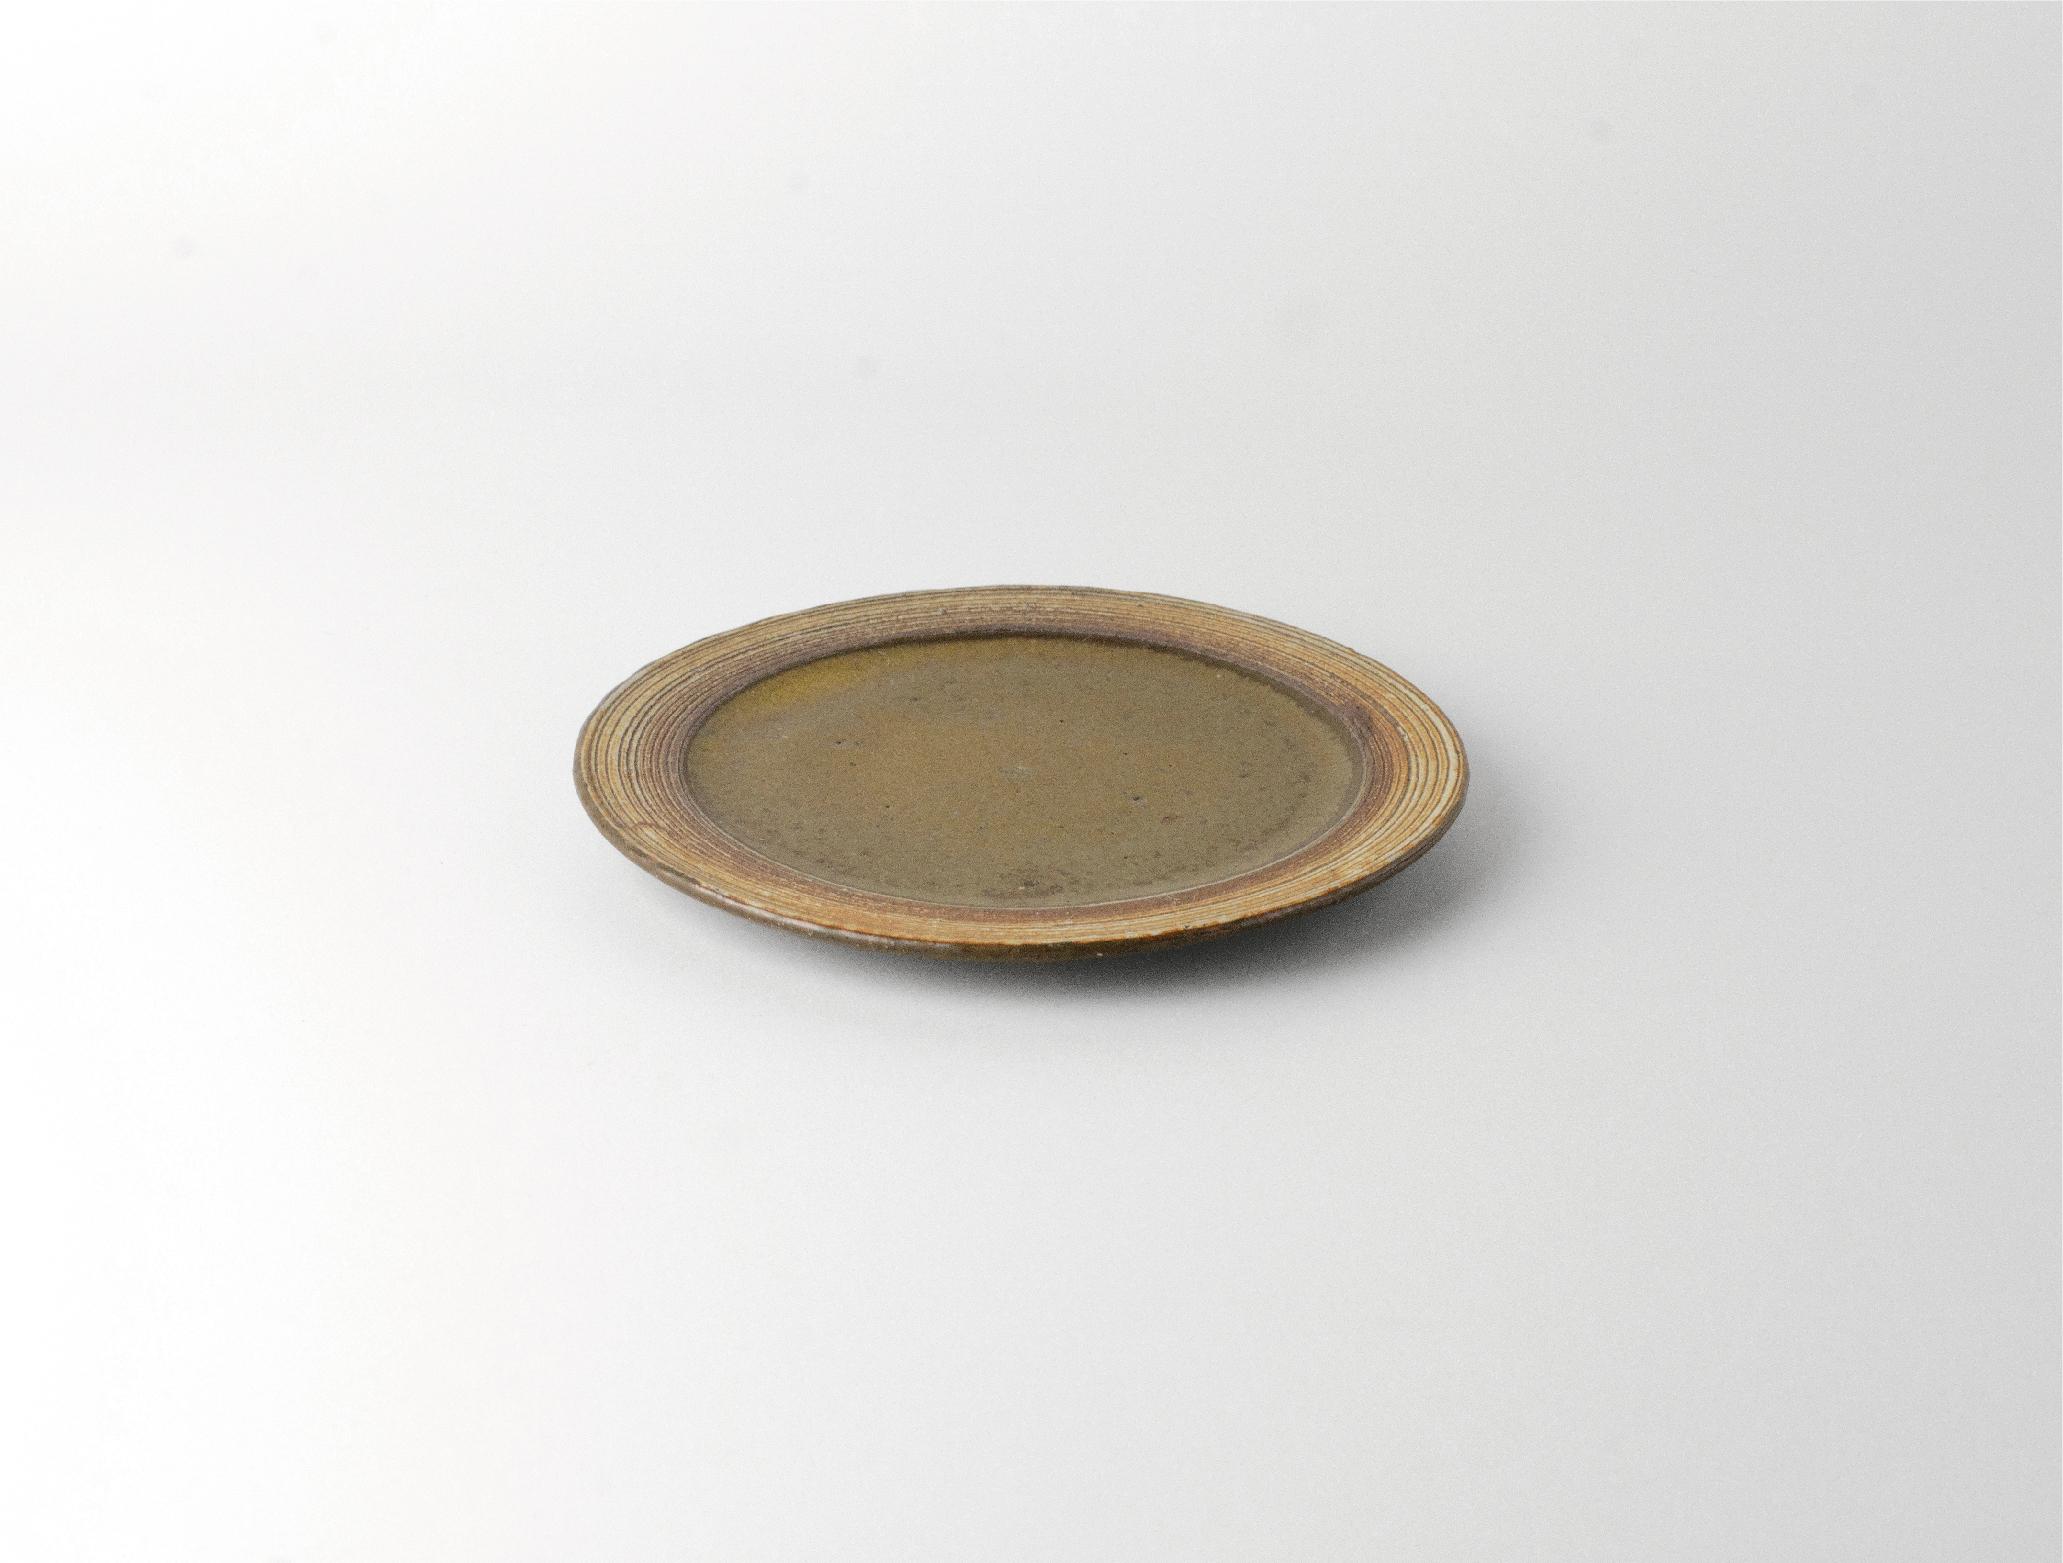 Nenrin_yamabuki 皿のイメージ